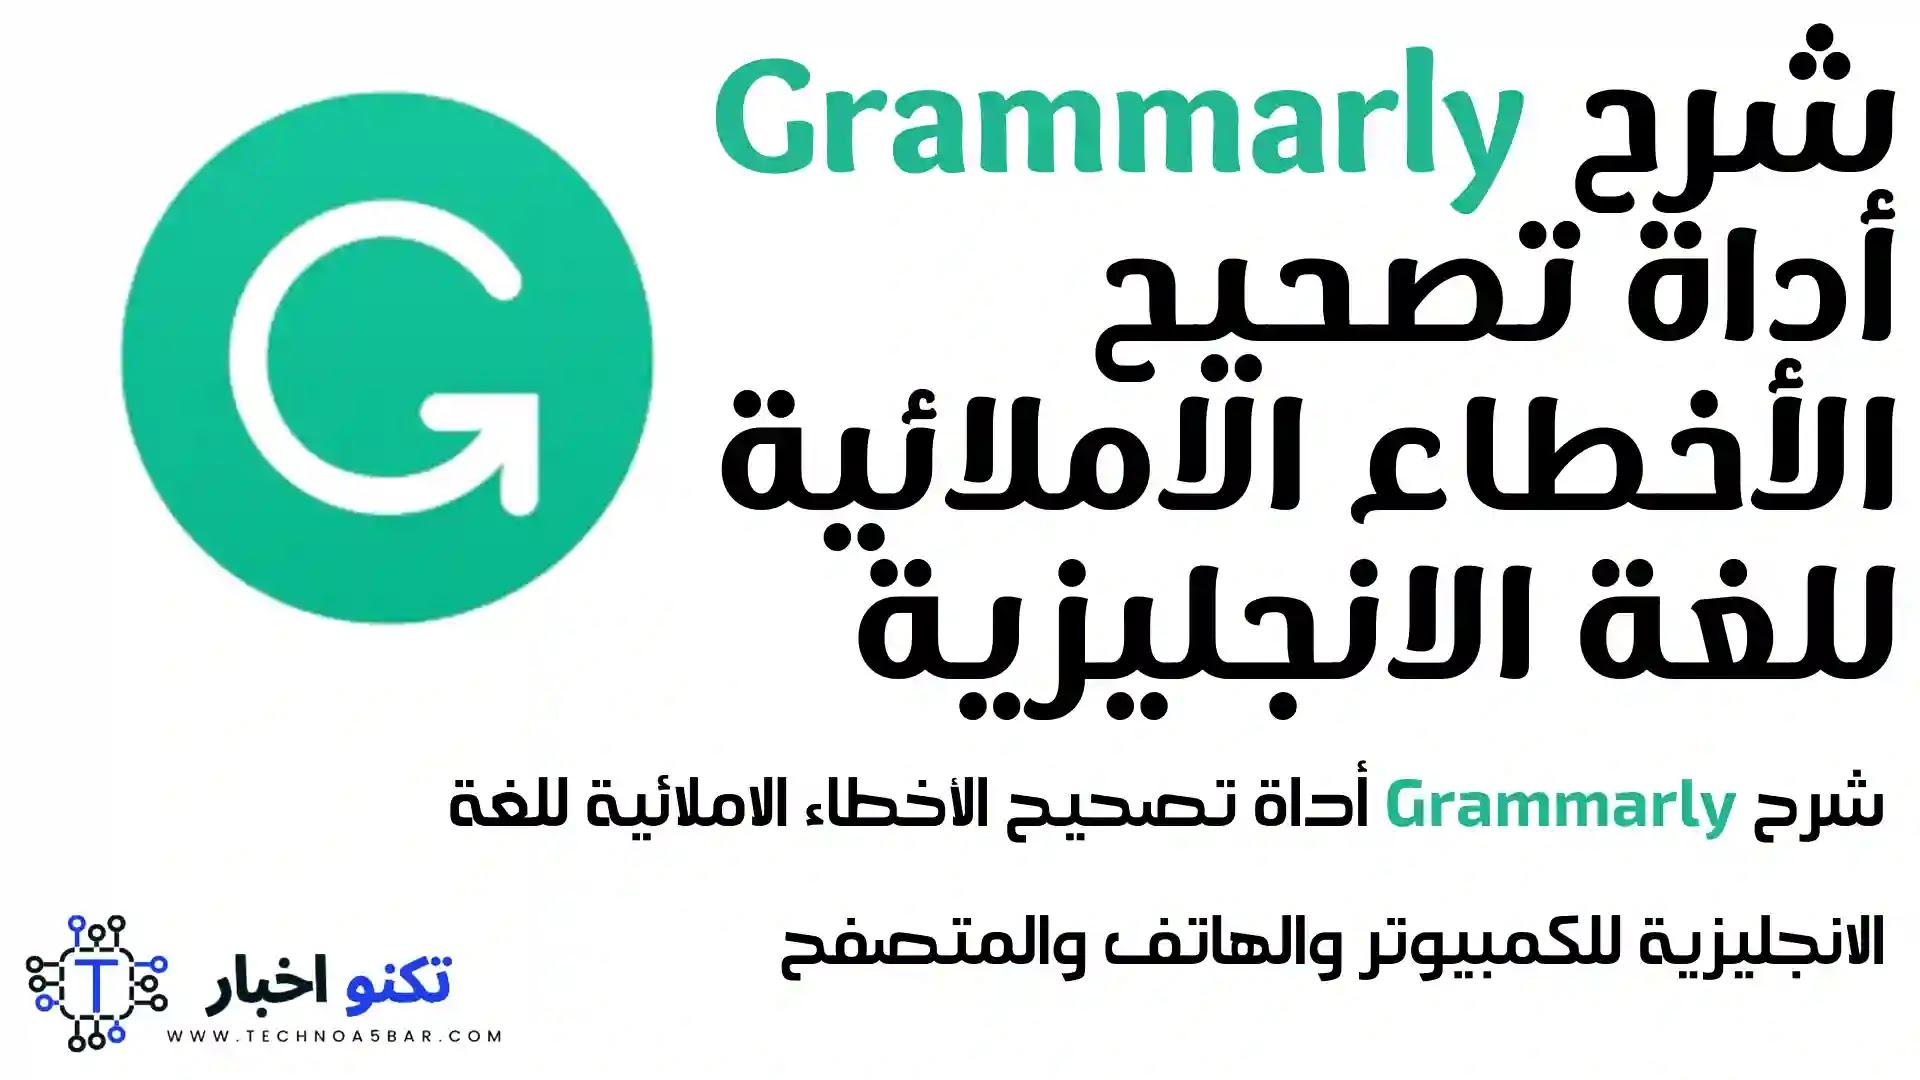 شرح Grammarly أداة تصحيح الأخطاء الاملائية للغة الانجليزية للكمبيوتر والهاتف والمتصفح